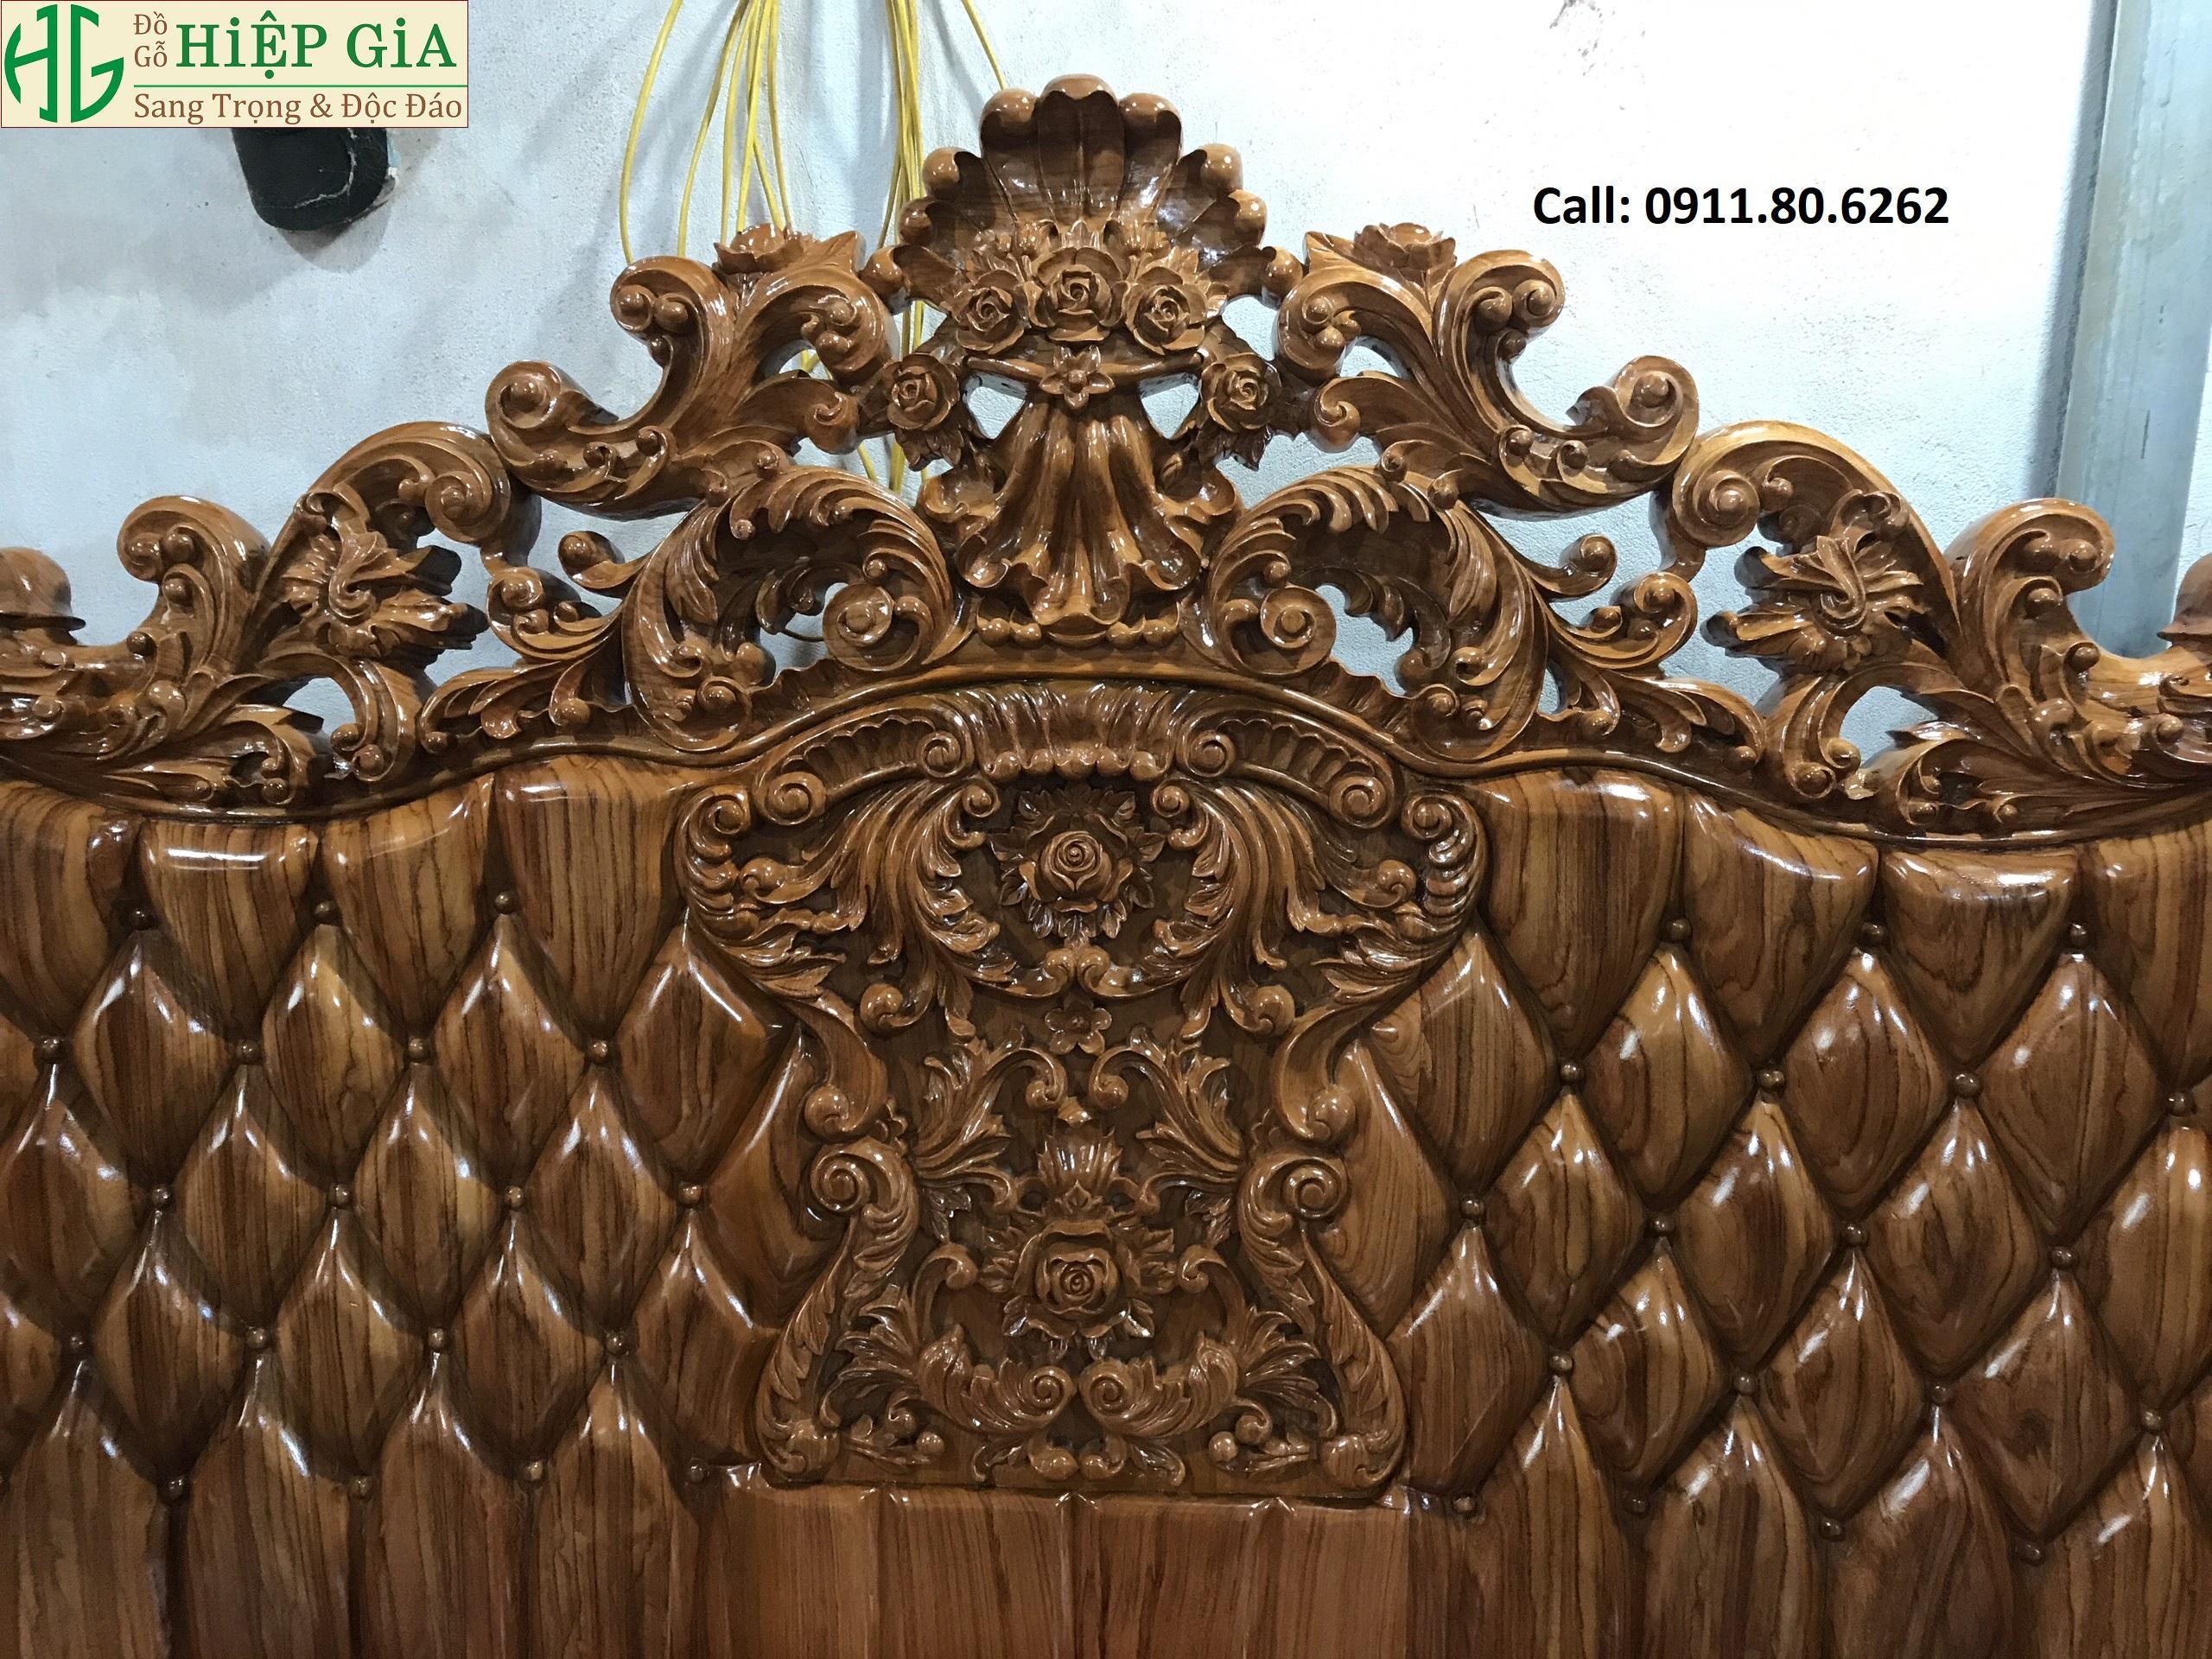 Sofa louis hoang gia 2 - Sofa Louis Hoàng Gia MS: 64